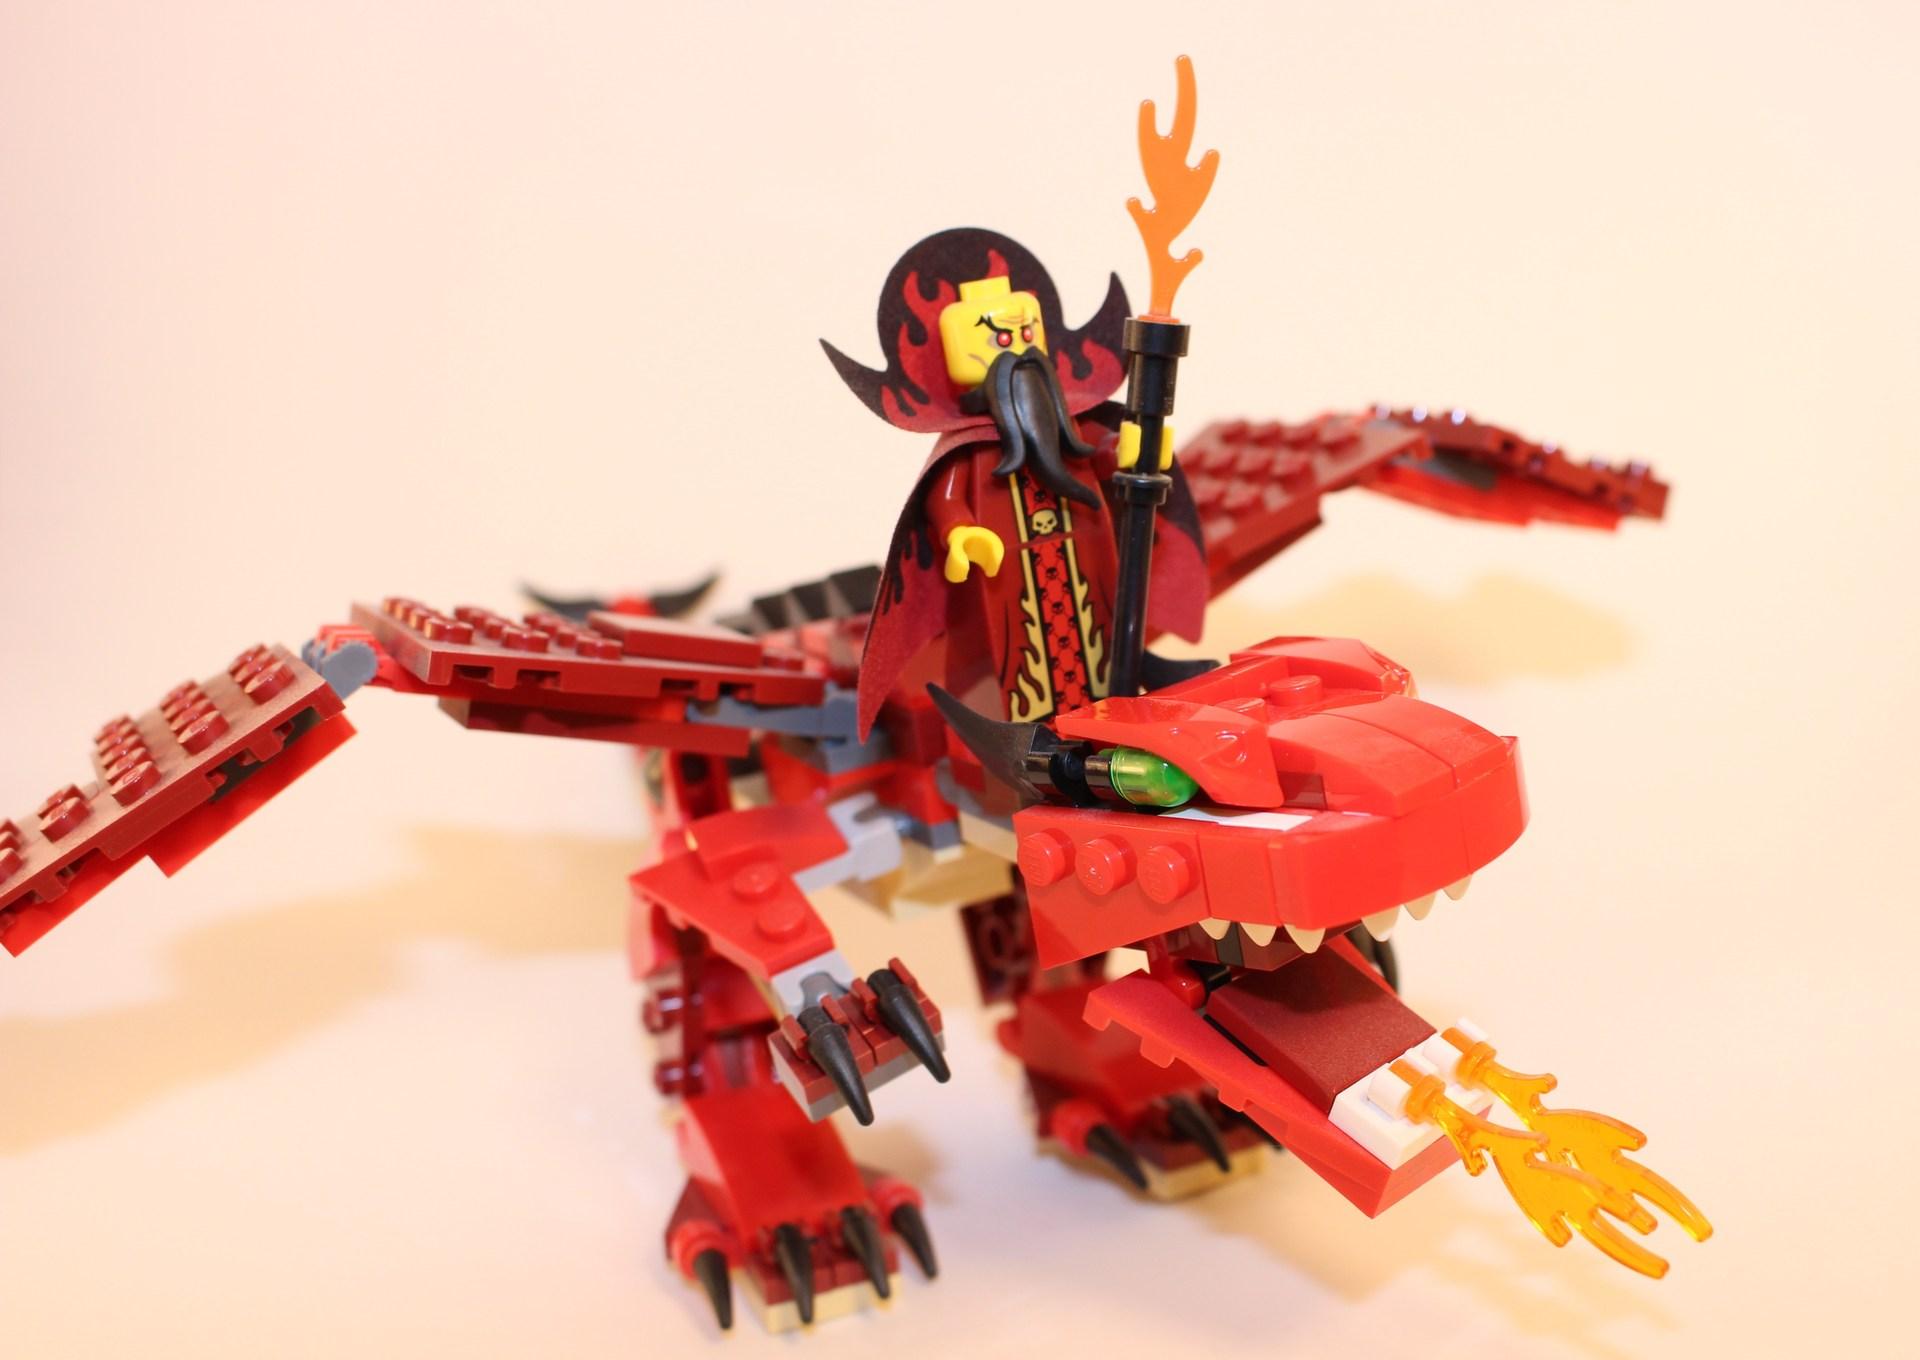 LEGO Evil Sorcerer & Dragon